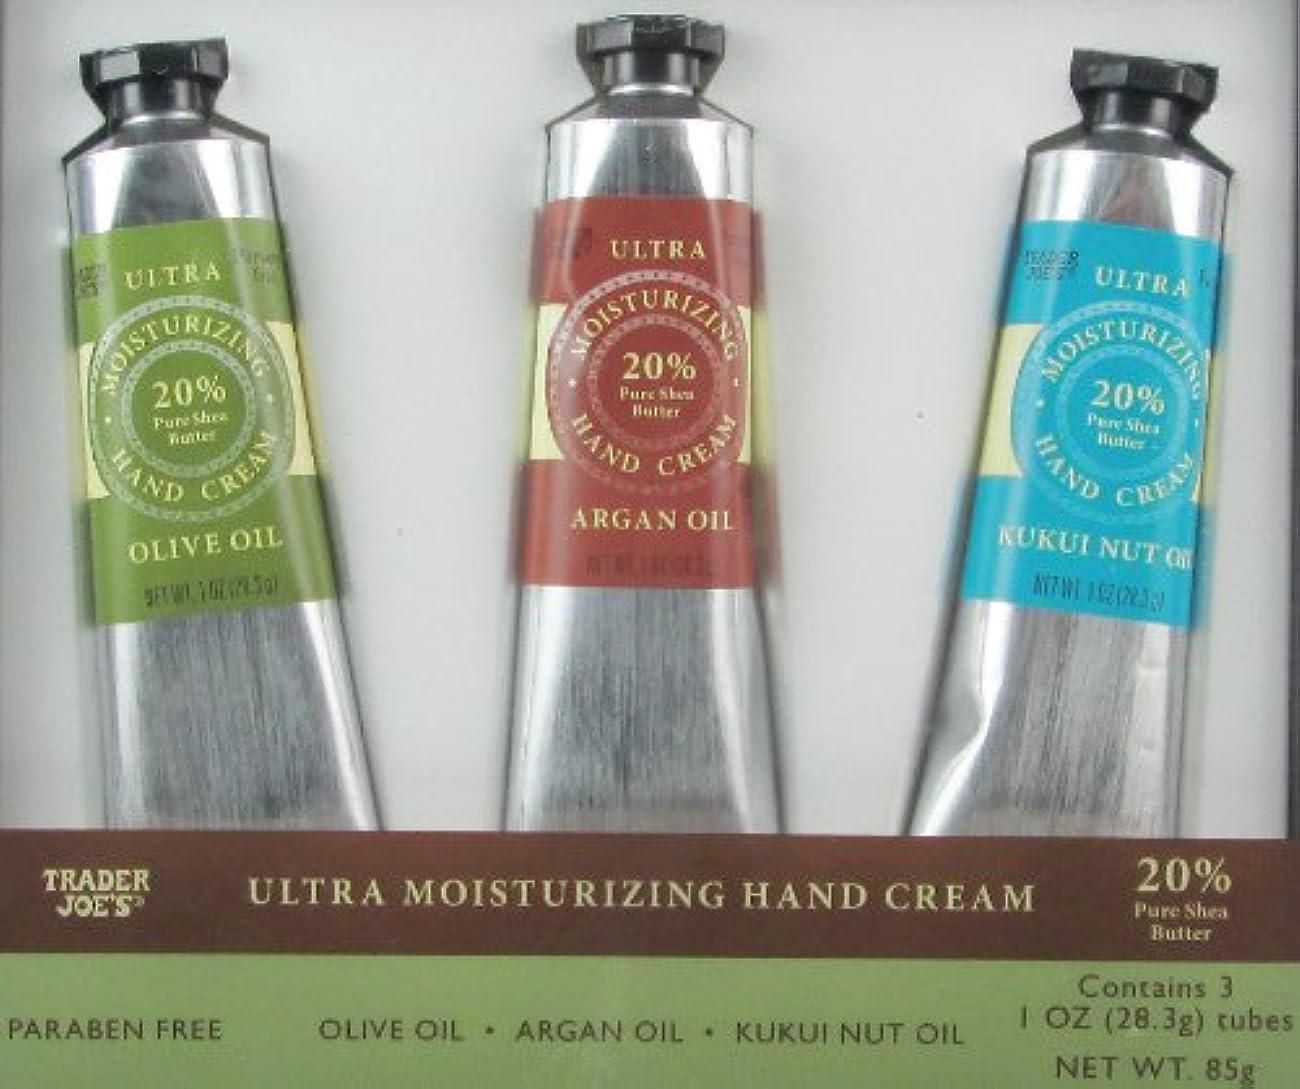 その願望きゅうりトレーダージョーズ ウルトラ モイスチャライジング ハンドクリーム 3種類 ギフトセット Trader Joe's Moisturizing Hand Cream Trio Olive Oil, Argan Oil, Kukui...